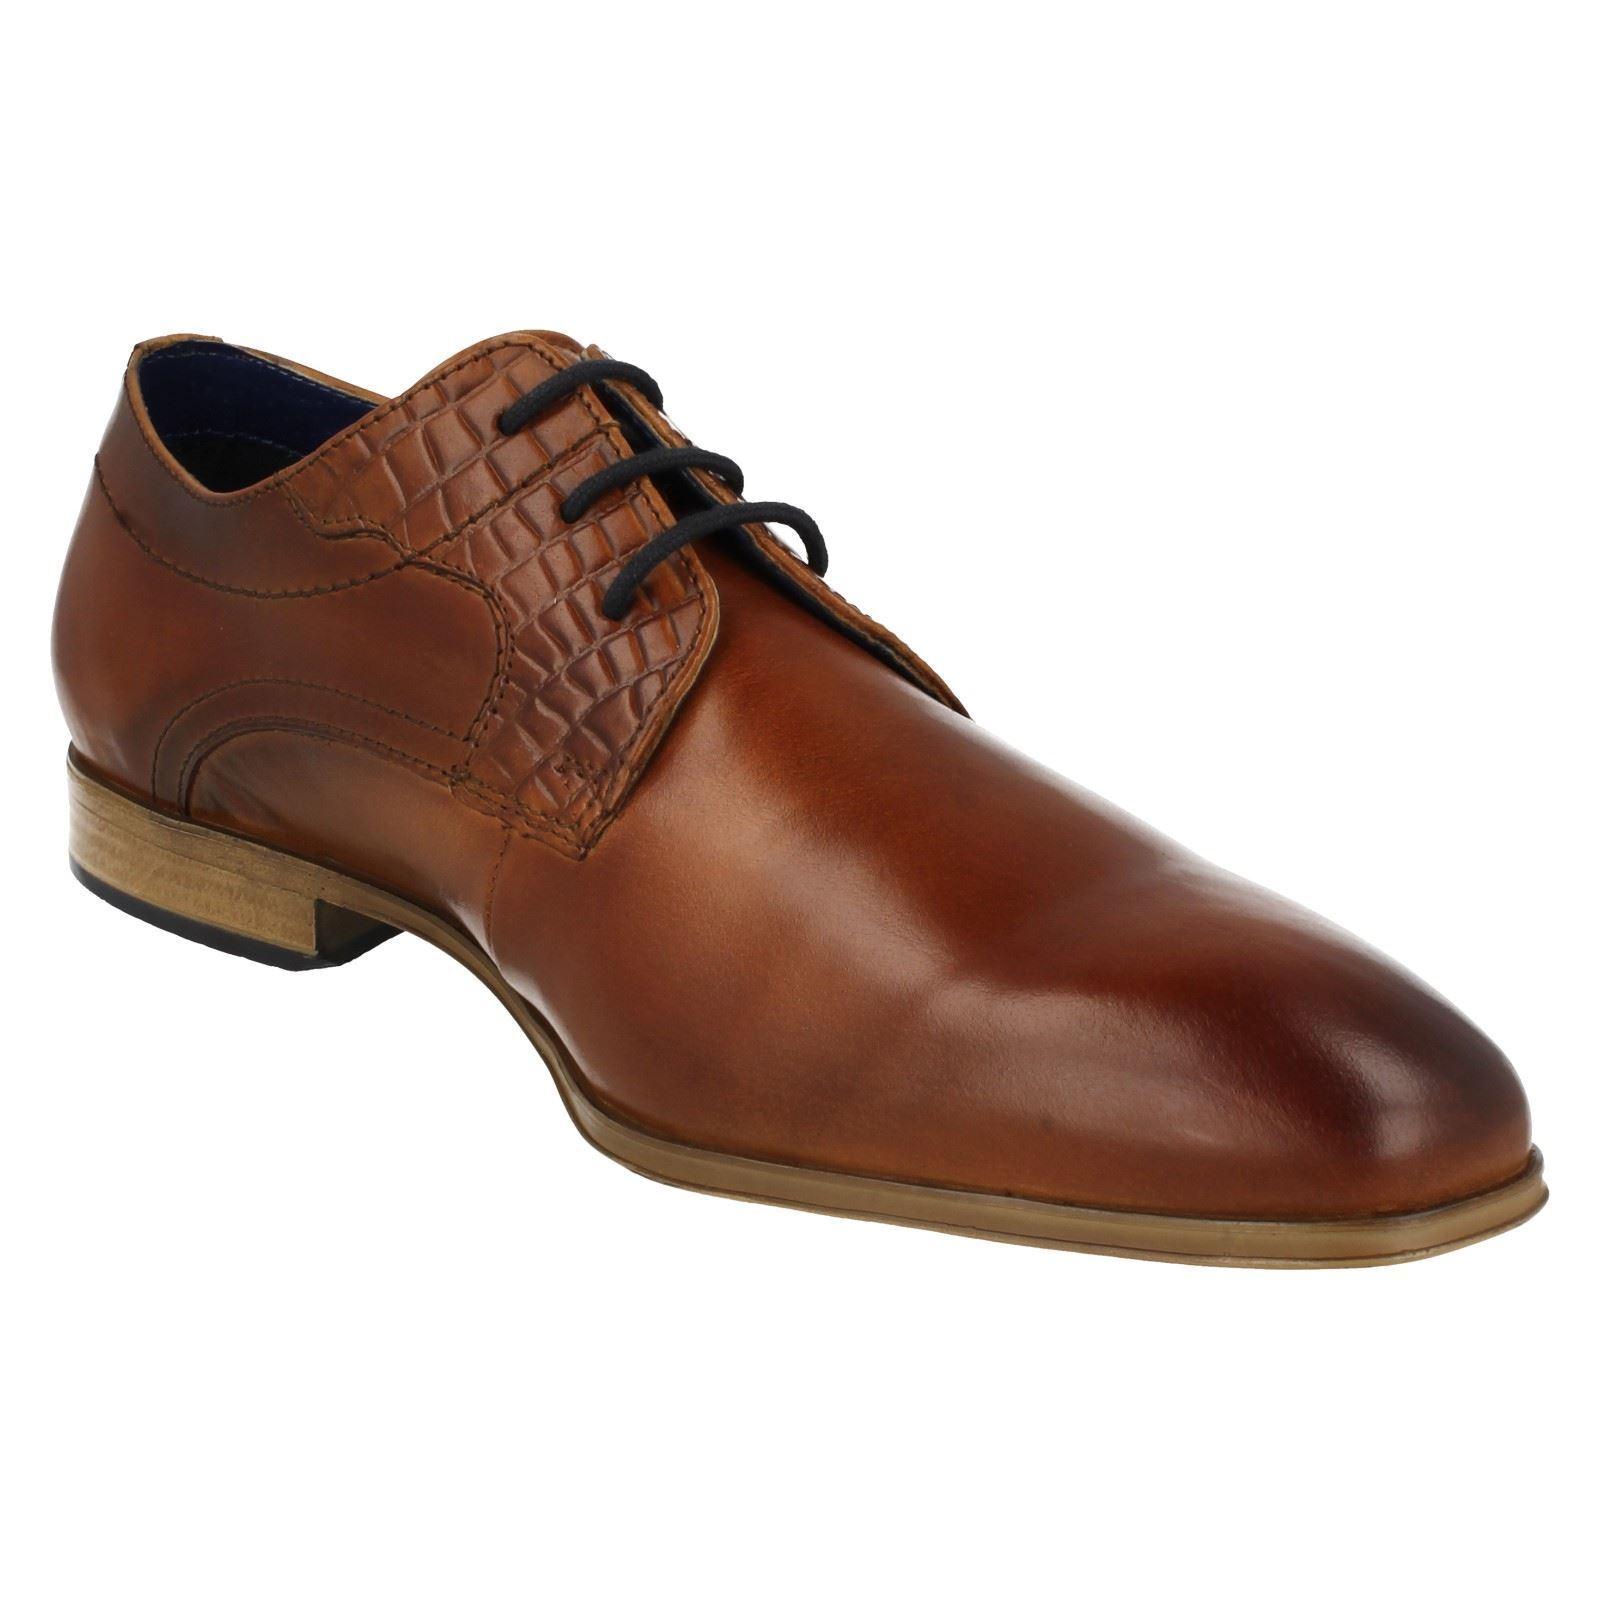 Mens Bugatti Cognac/Black Leather Formal Lace Up Shoes 311-25202